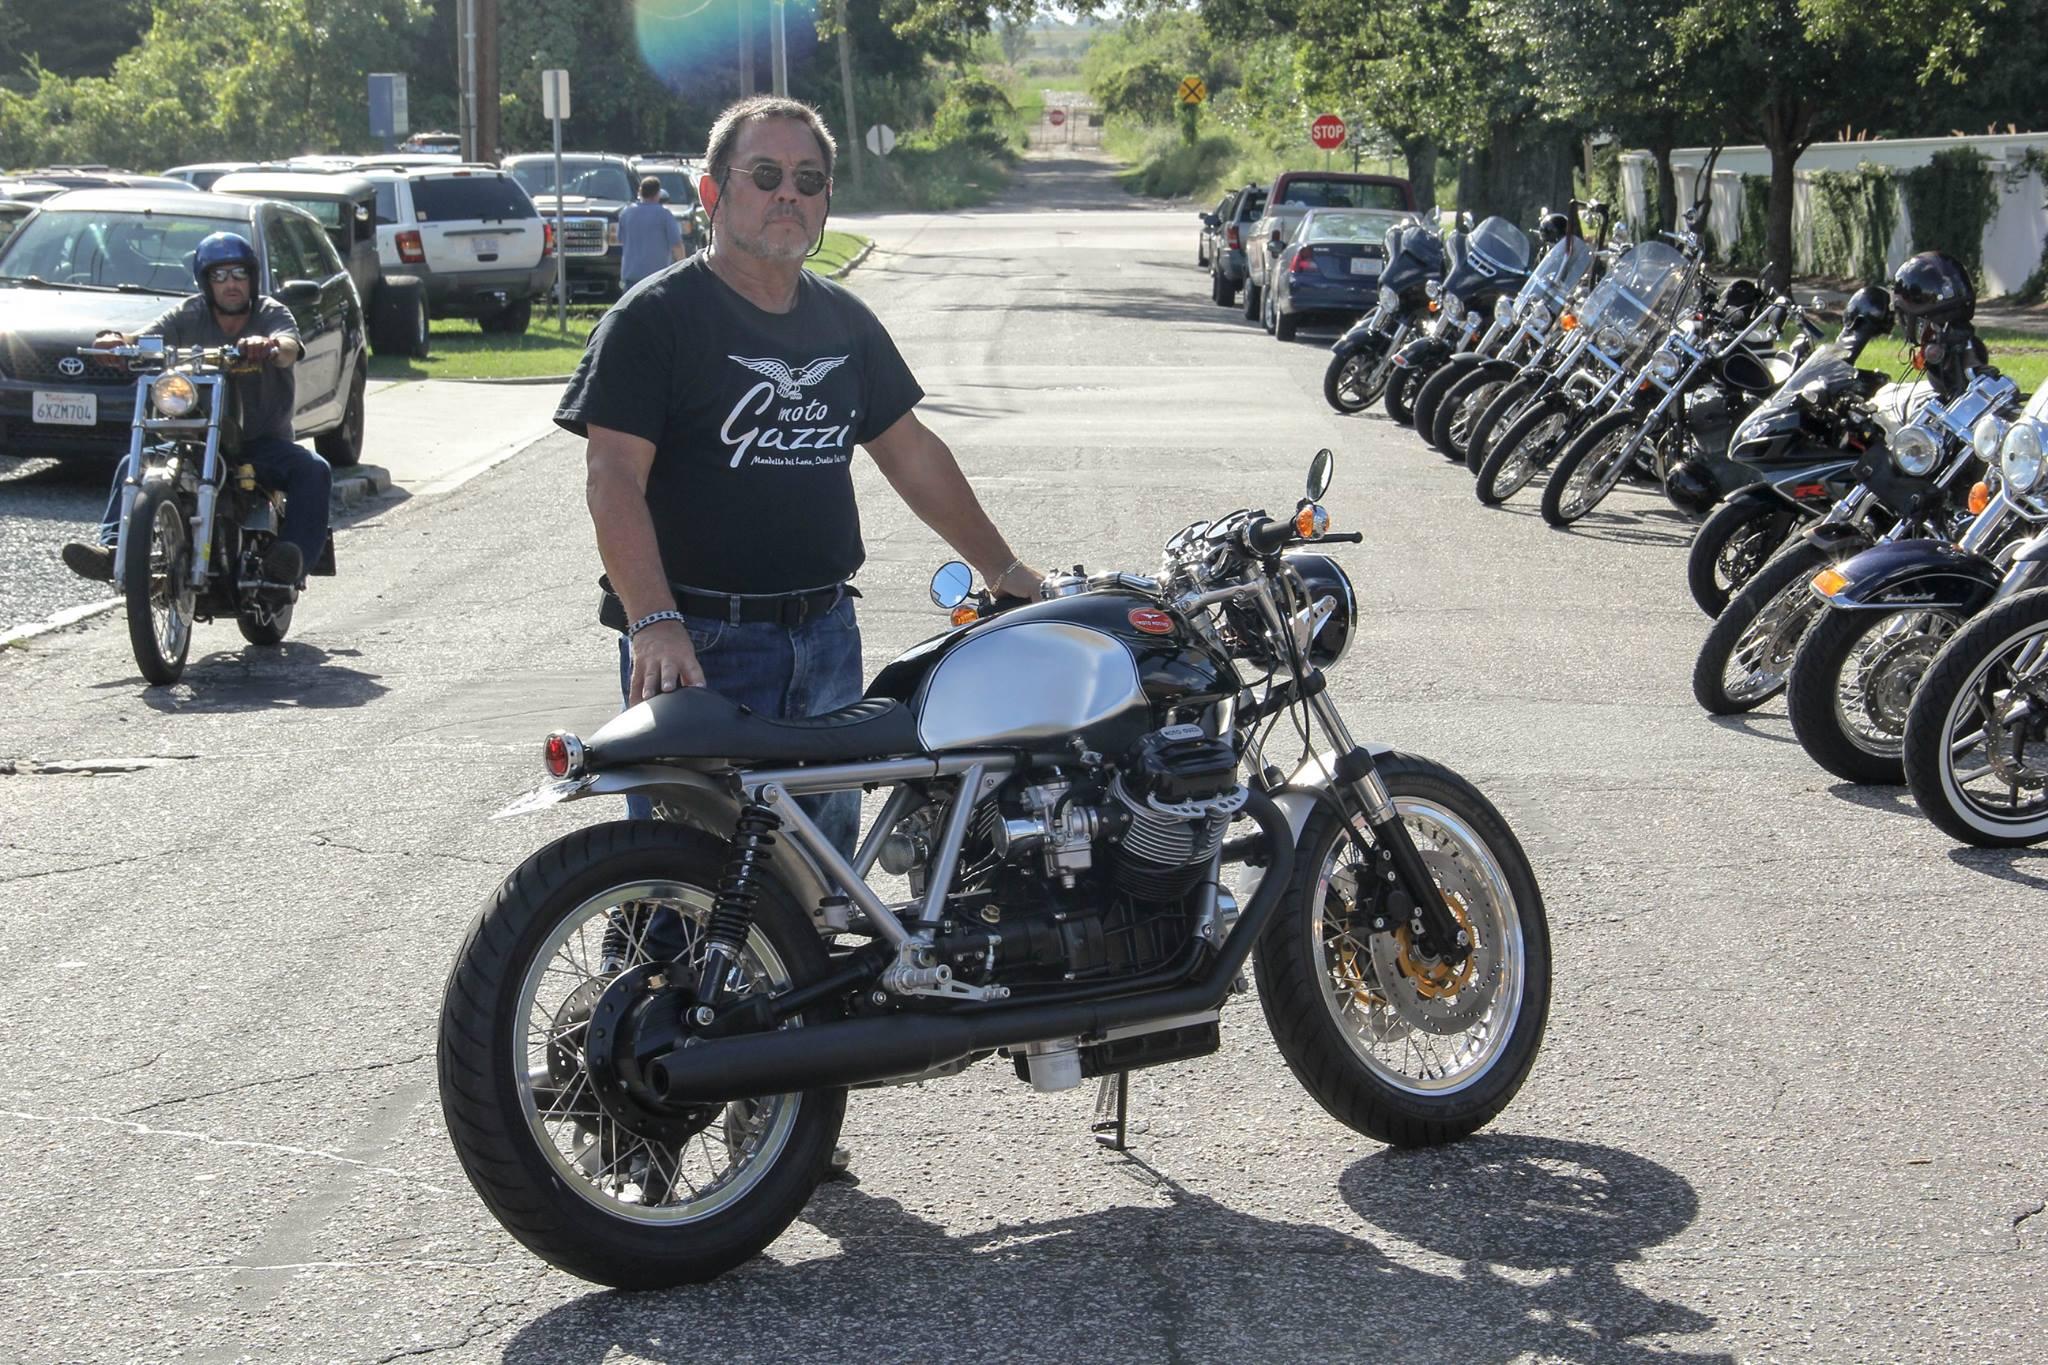 Moto Guzzi 850 T Cafe Racer By Moto Motivo Bikebound